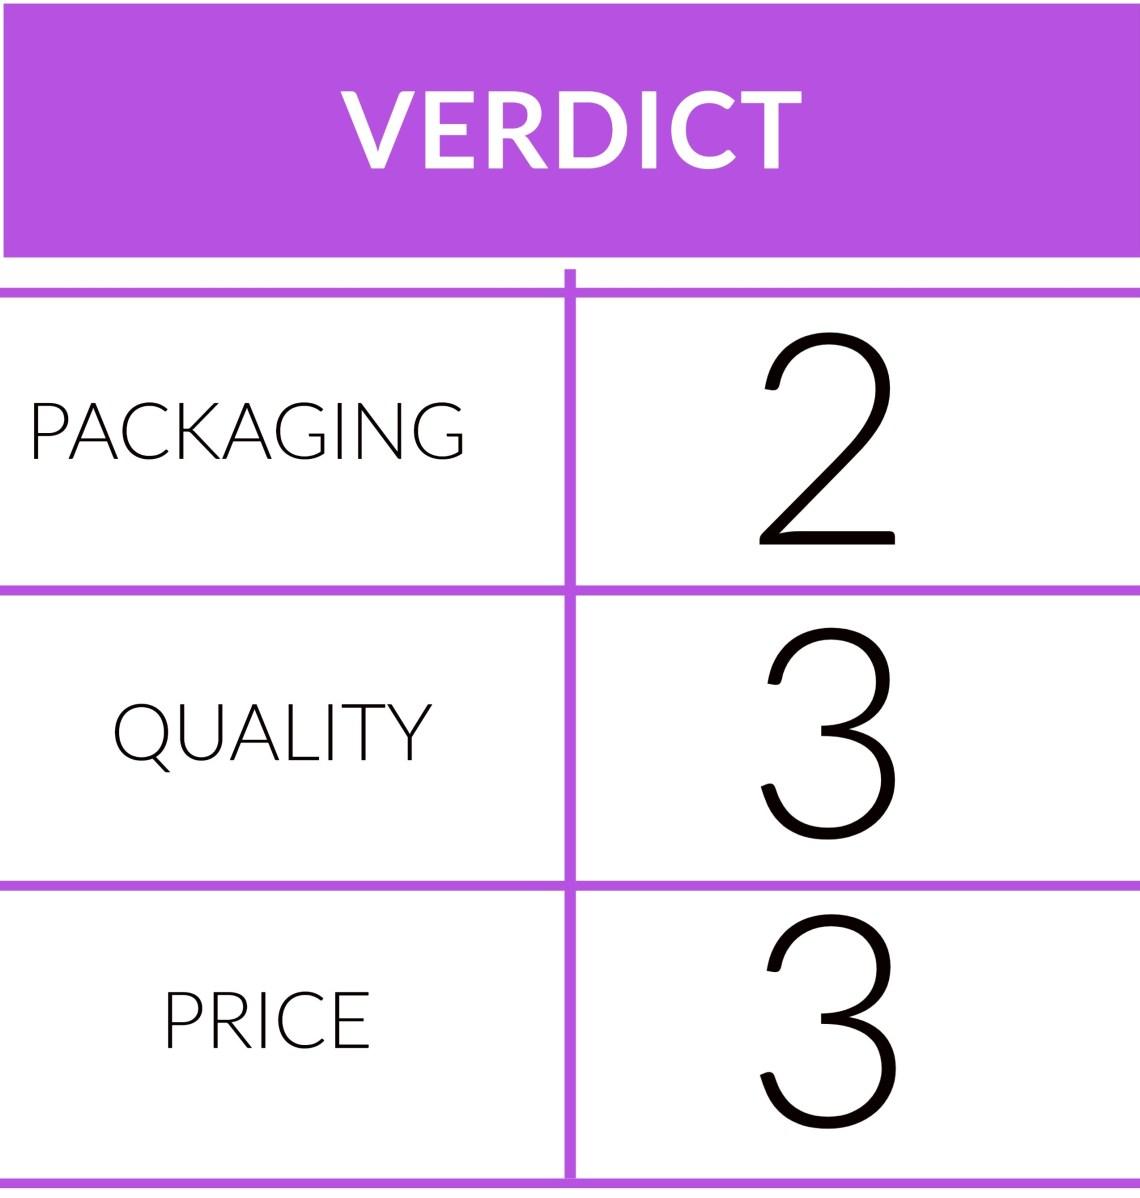 Verdict scoring